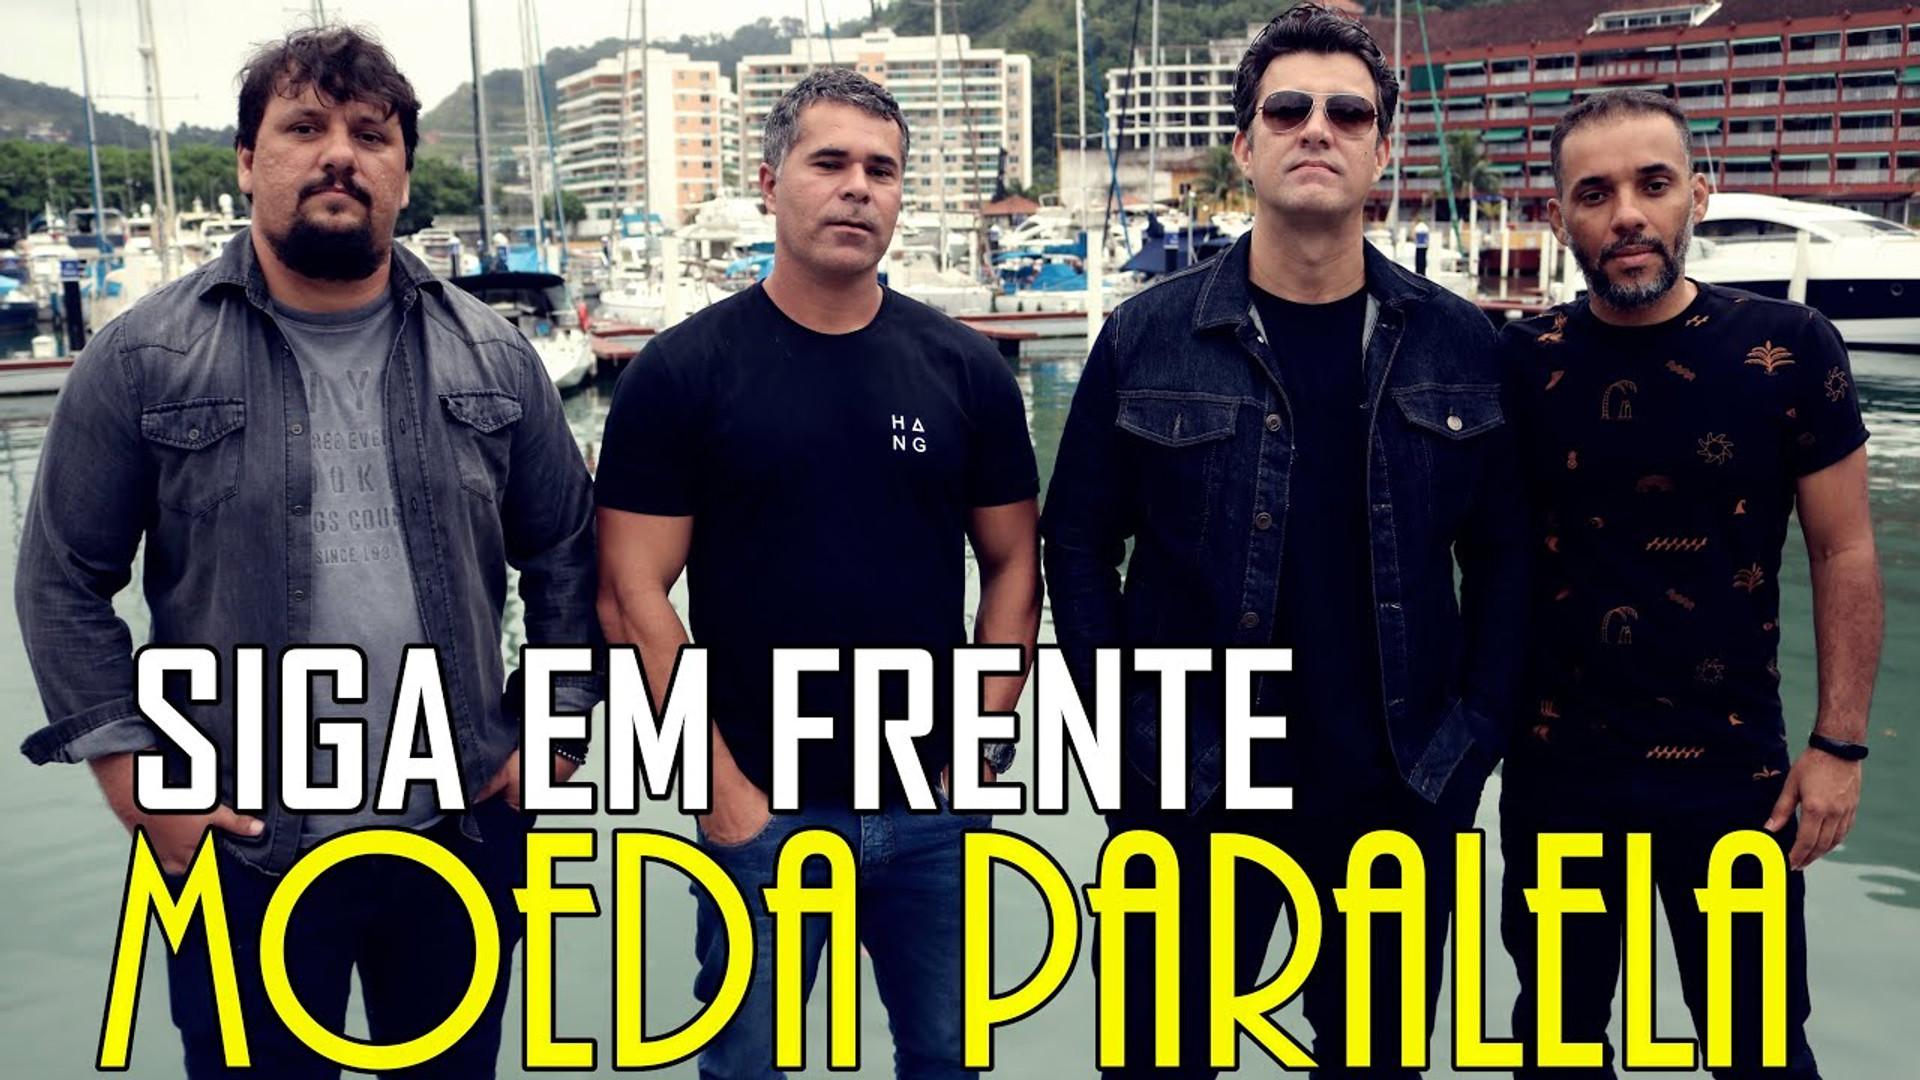 Moeda Paralela - América Latina (Siga em frente) acústico e ao vivo